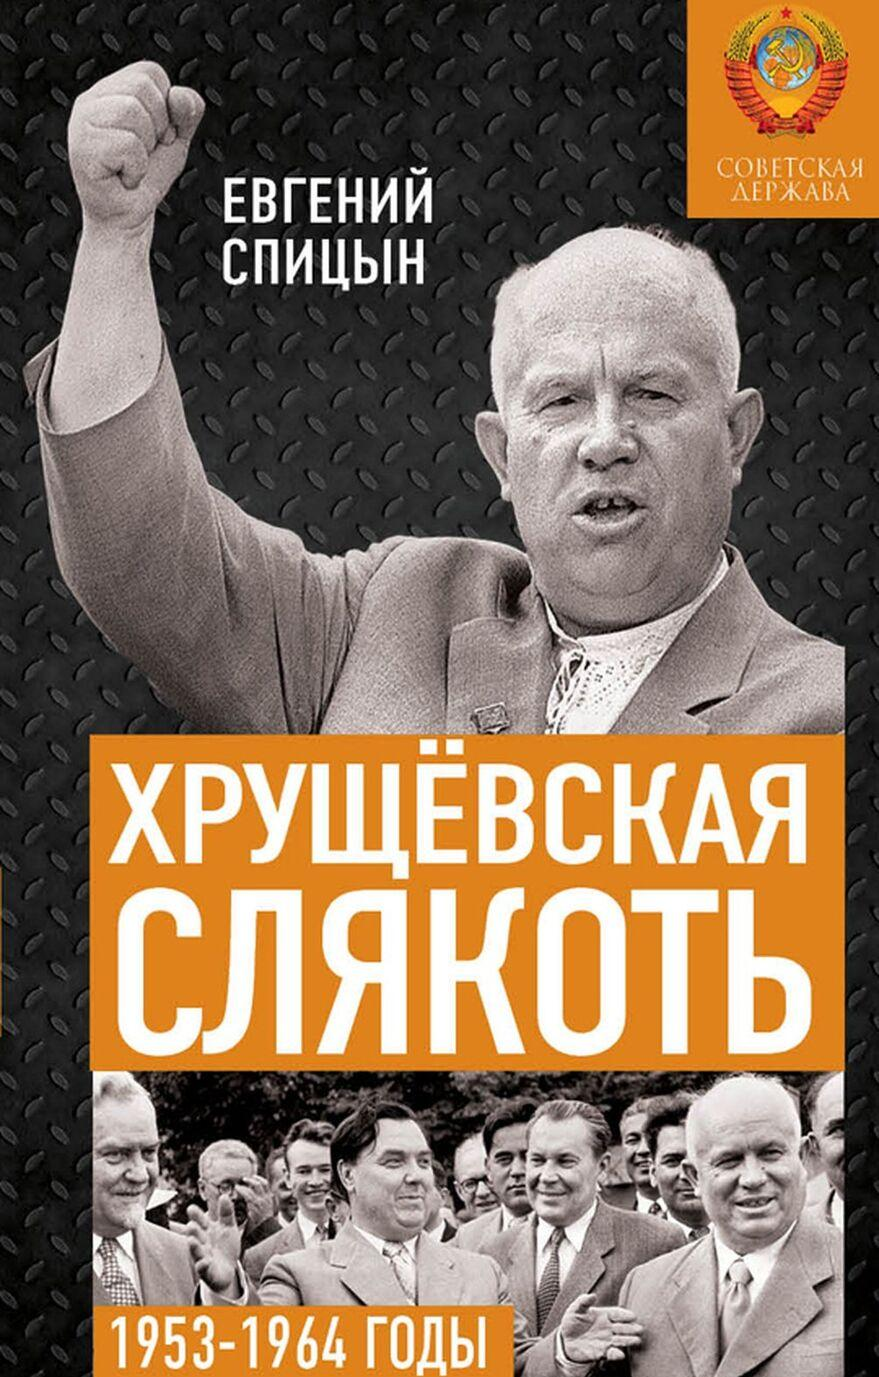 Khruschjovskaja sljakot. Sovetskaja derzhava v 1953−1964 godakh